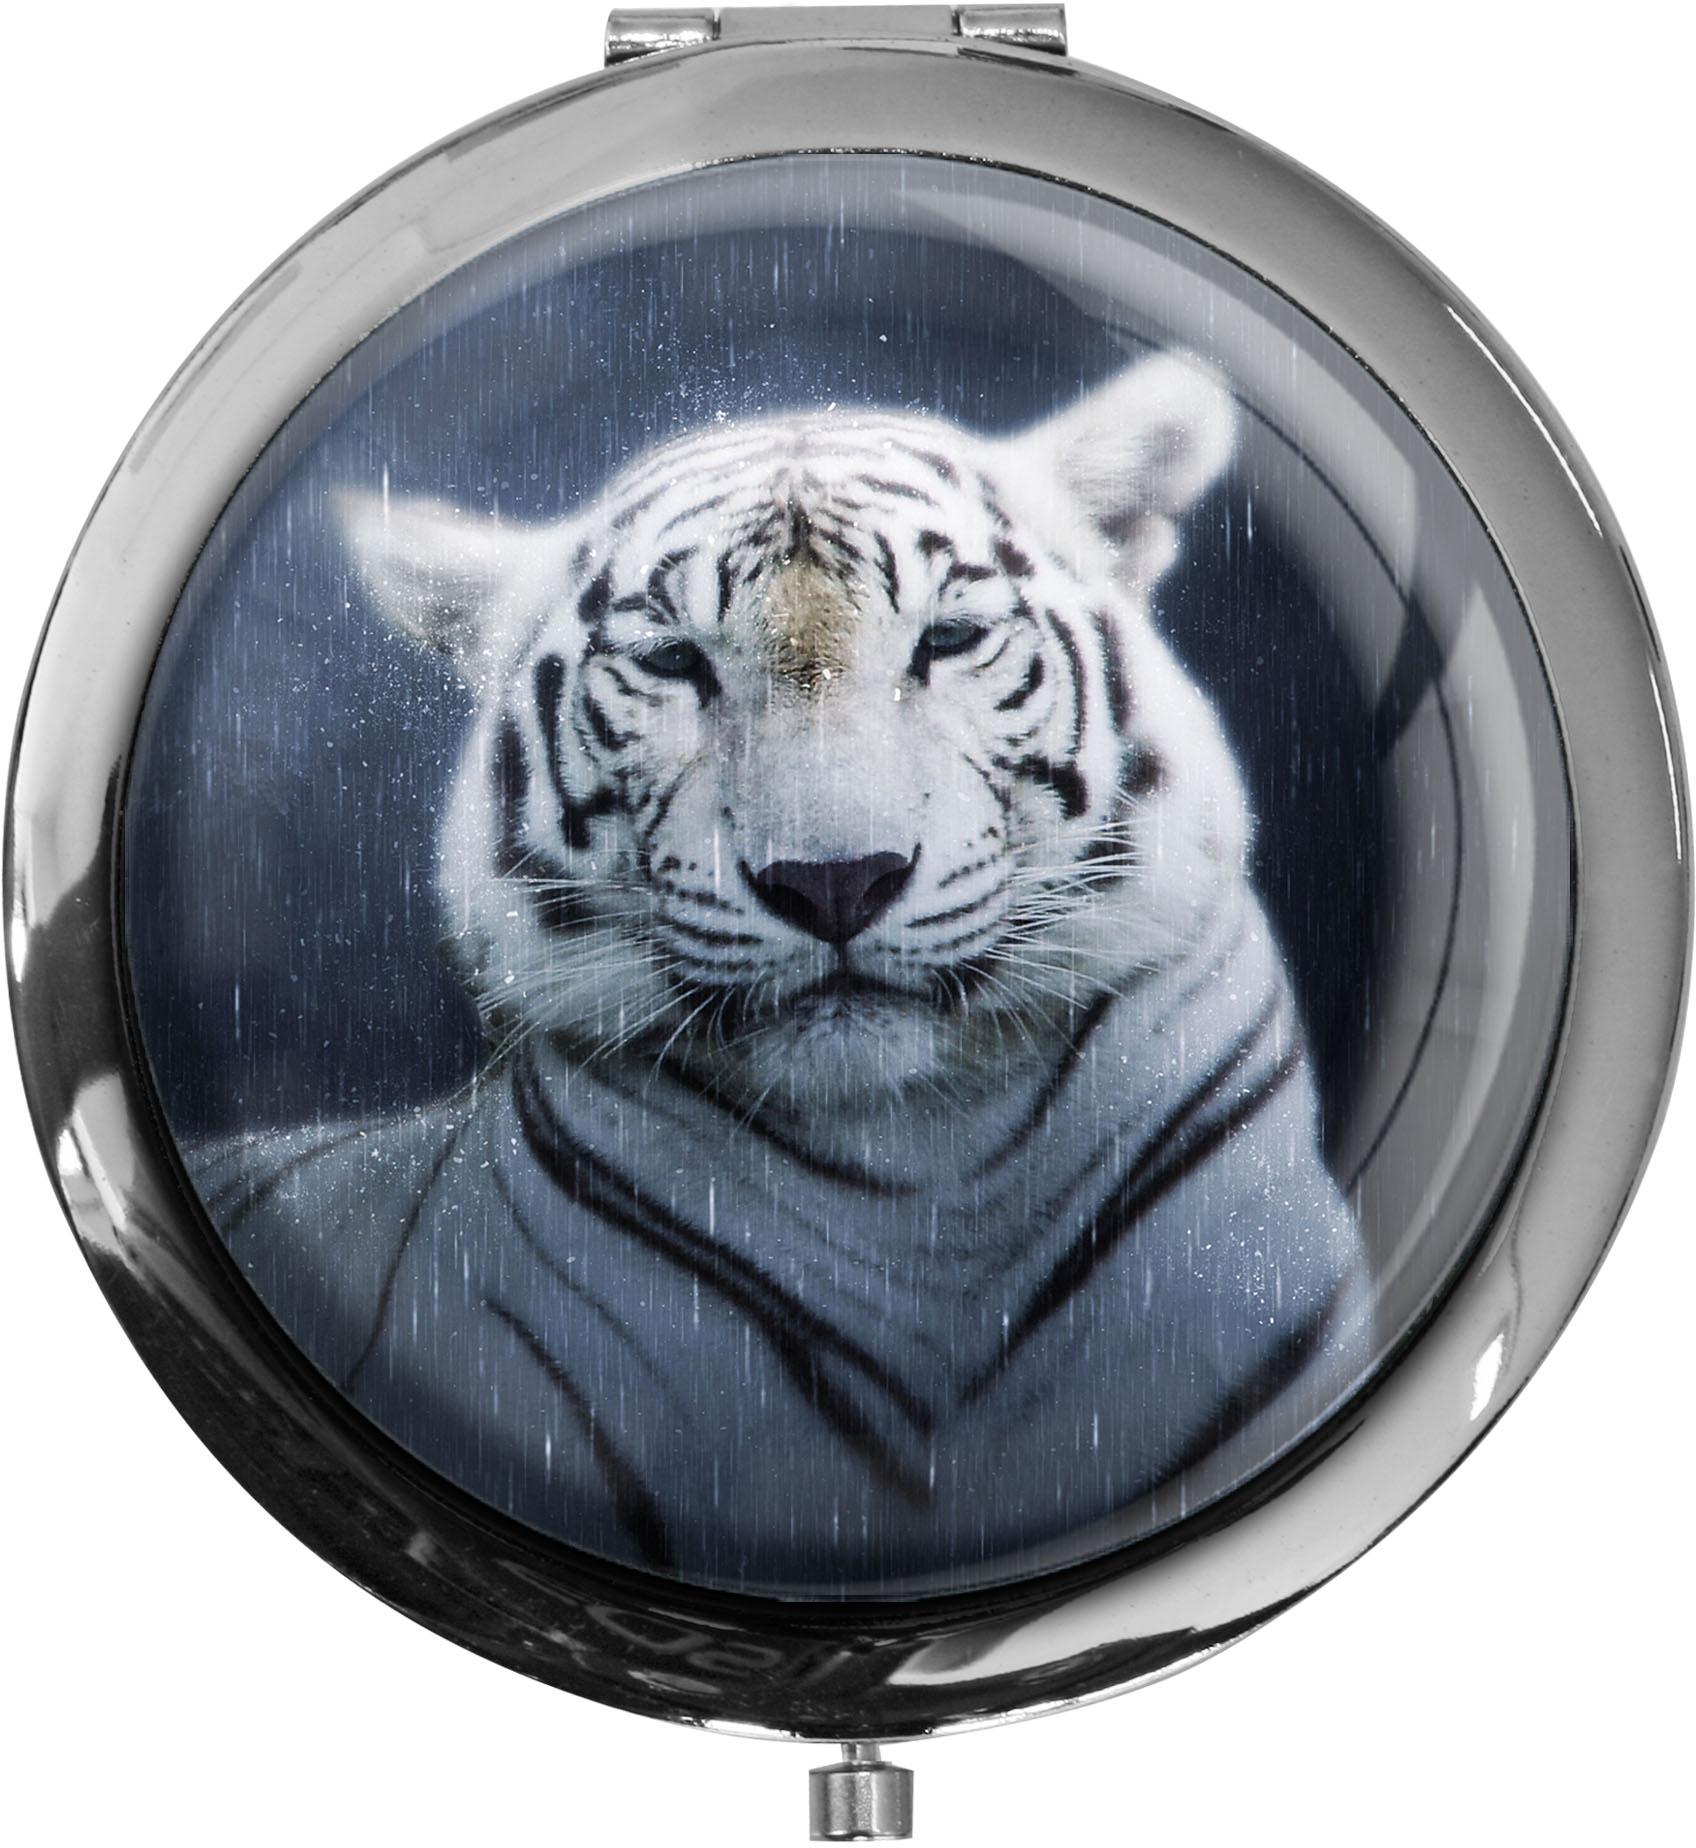 Pillendose XXL / Tiger / Raubtiere / Wildkatzen